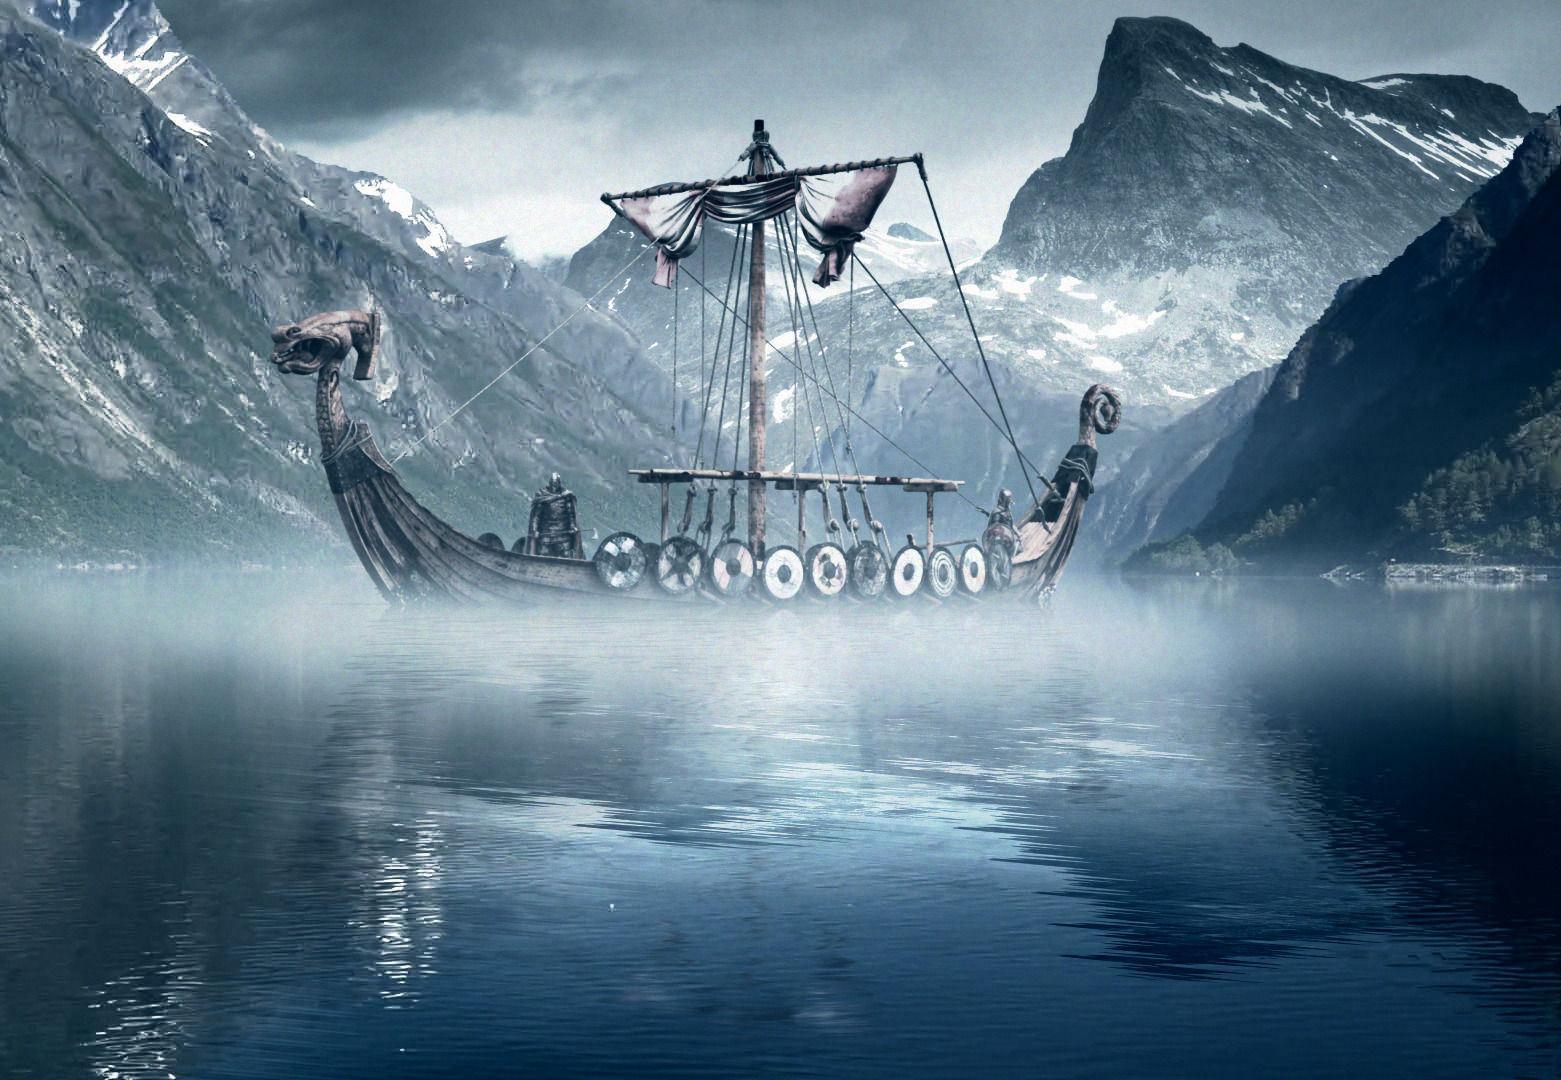 Die Gallier stechen wieder in See